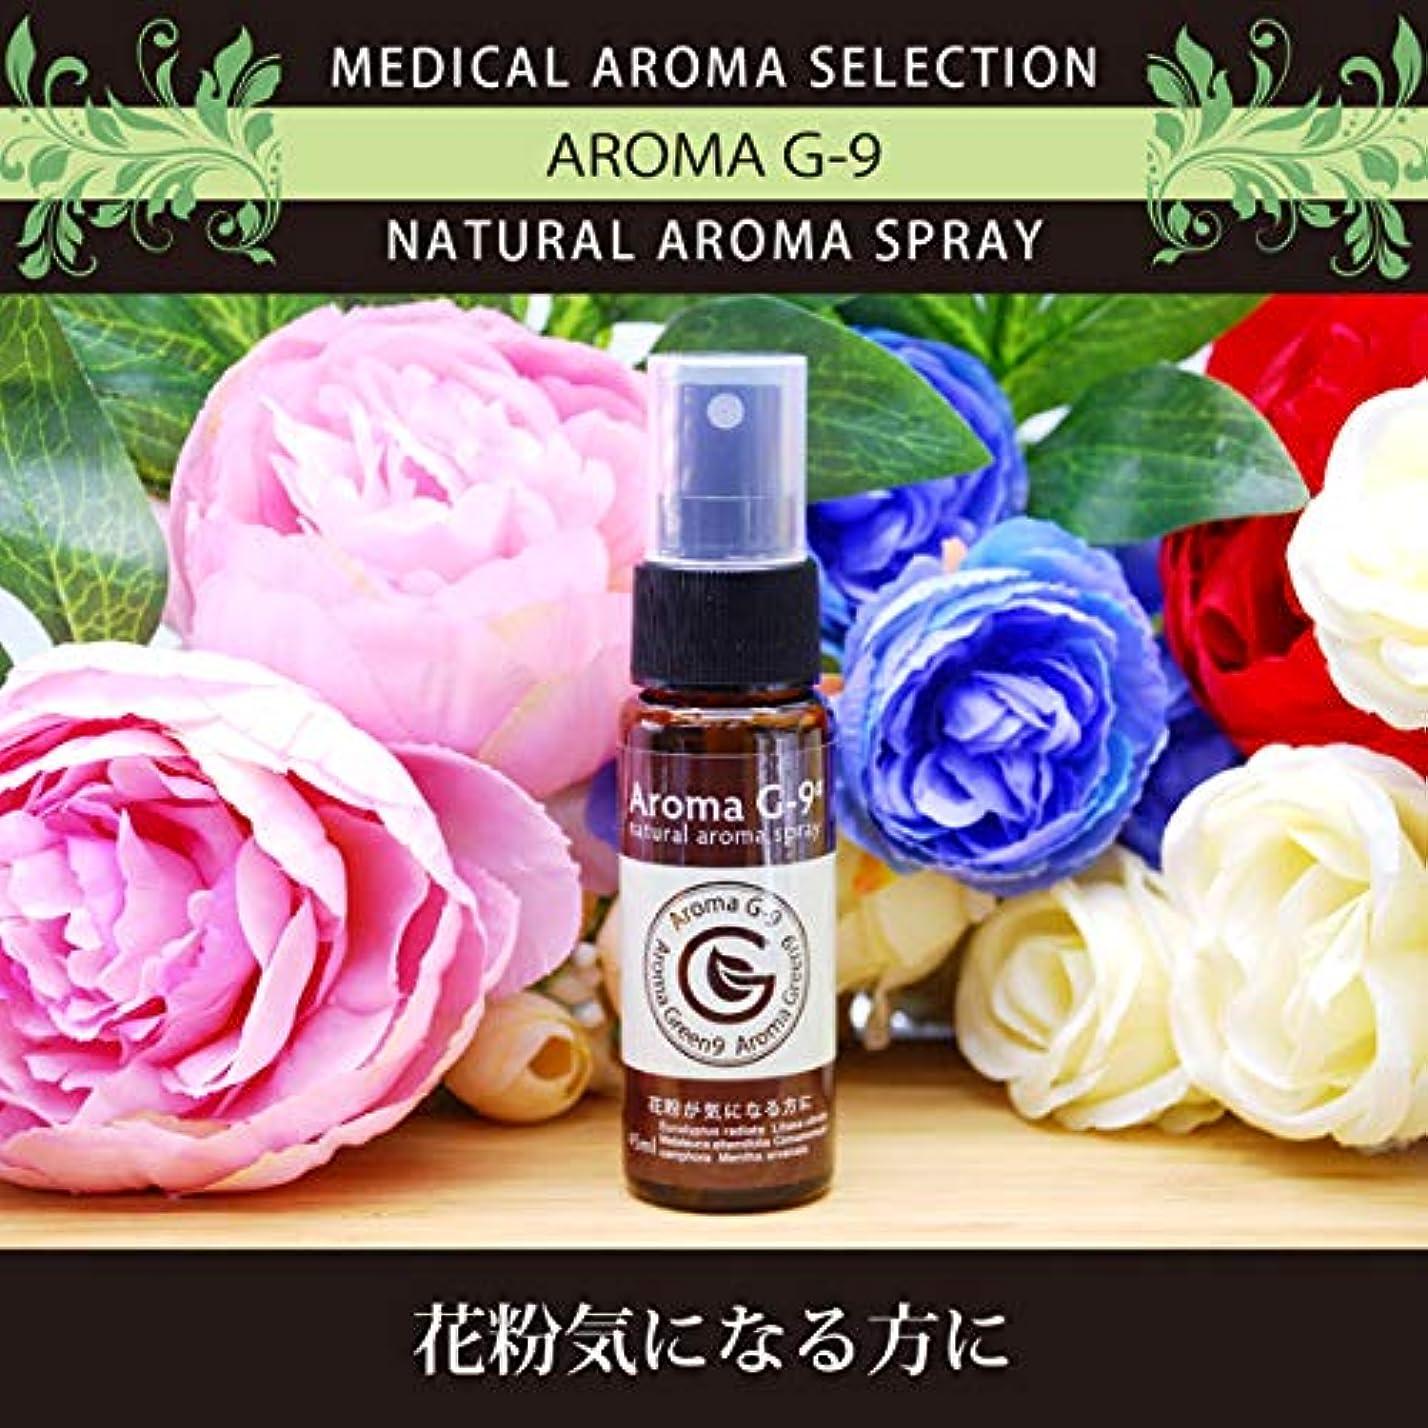 運命的なも貧困アロマスプレー Aroma G-9# 花粉症アロマスプレー 45ml